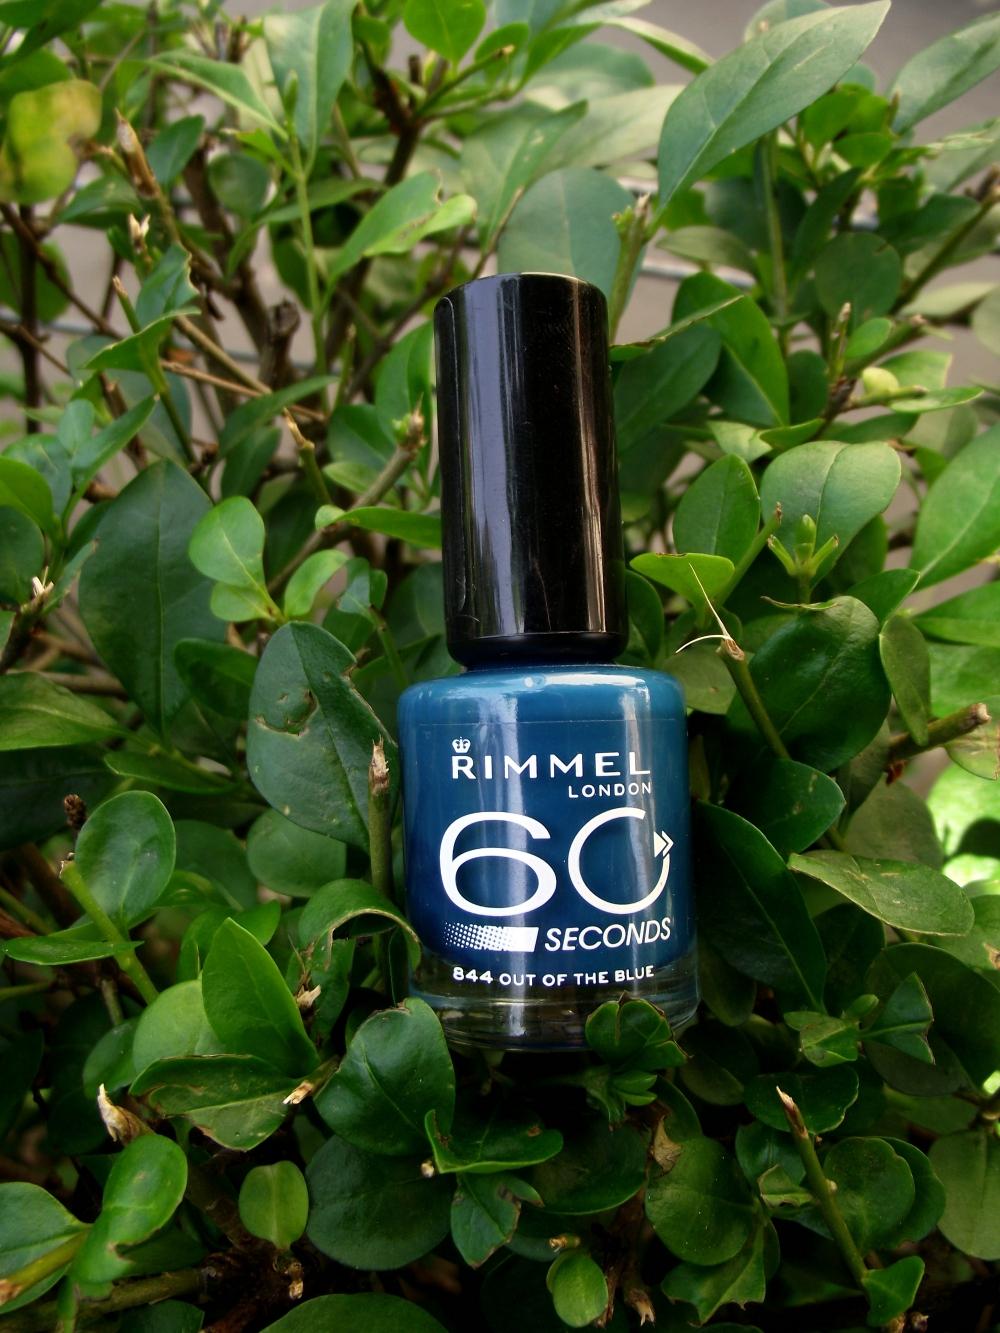 rimmel london 60 seconds nail polish (3)